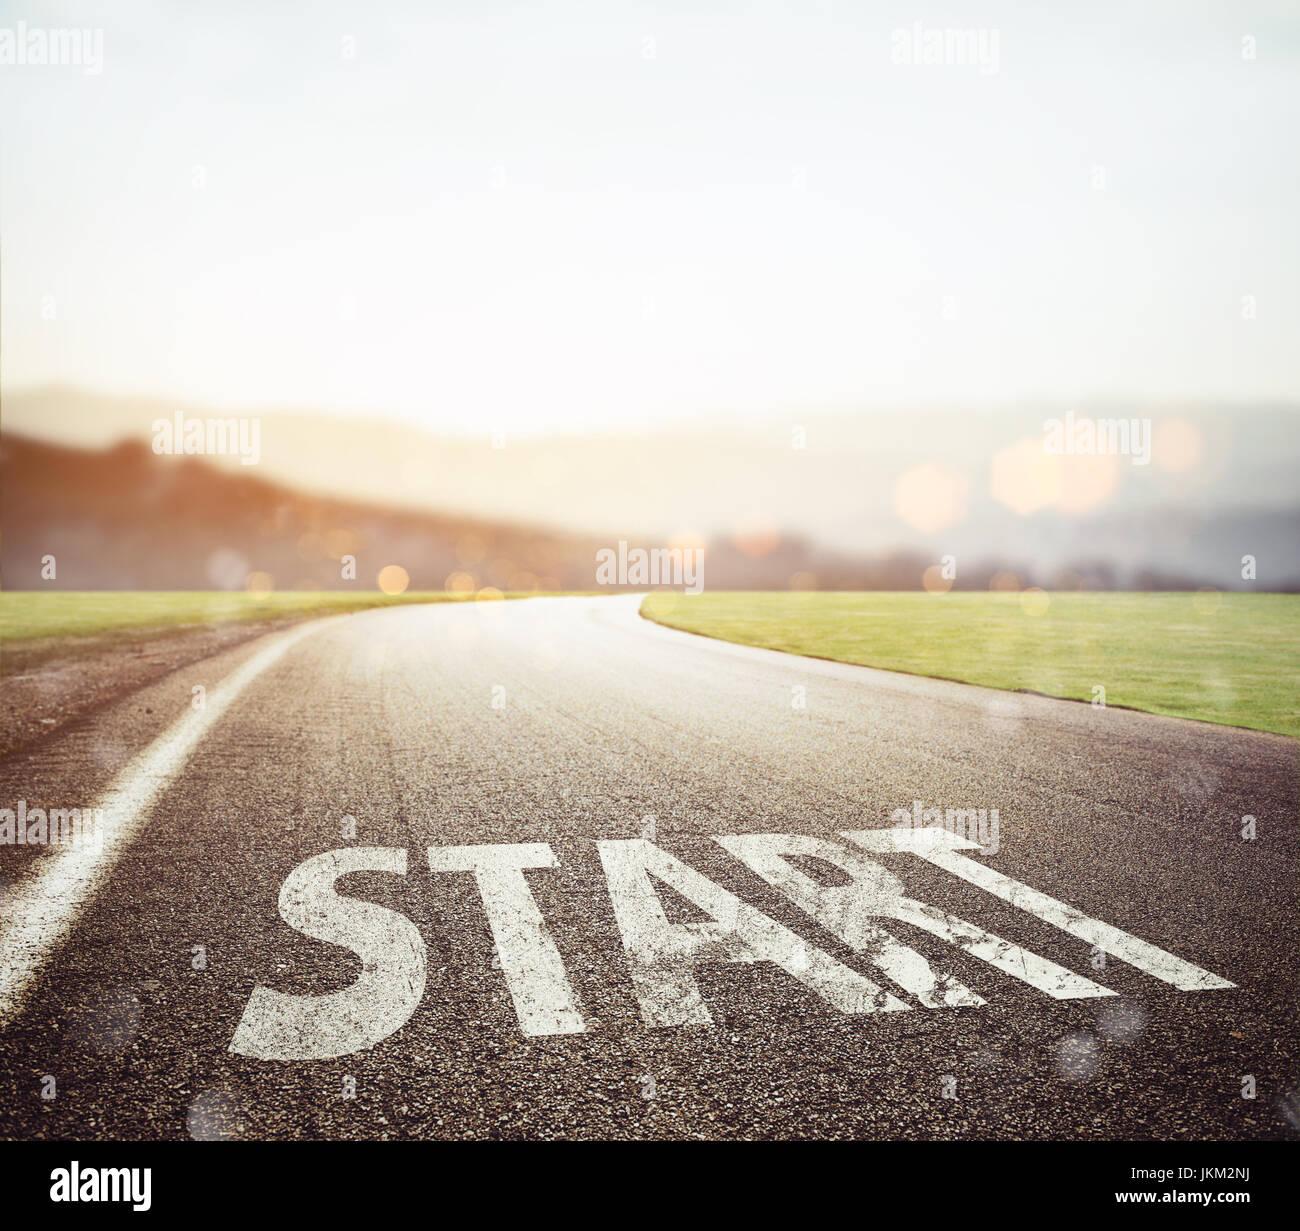 Inicio escribe en el suelo sobre una carretera al atardecer Imagen De Stock